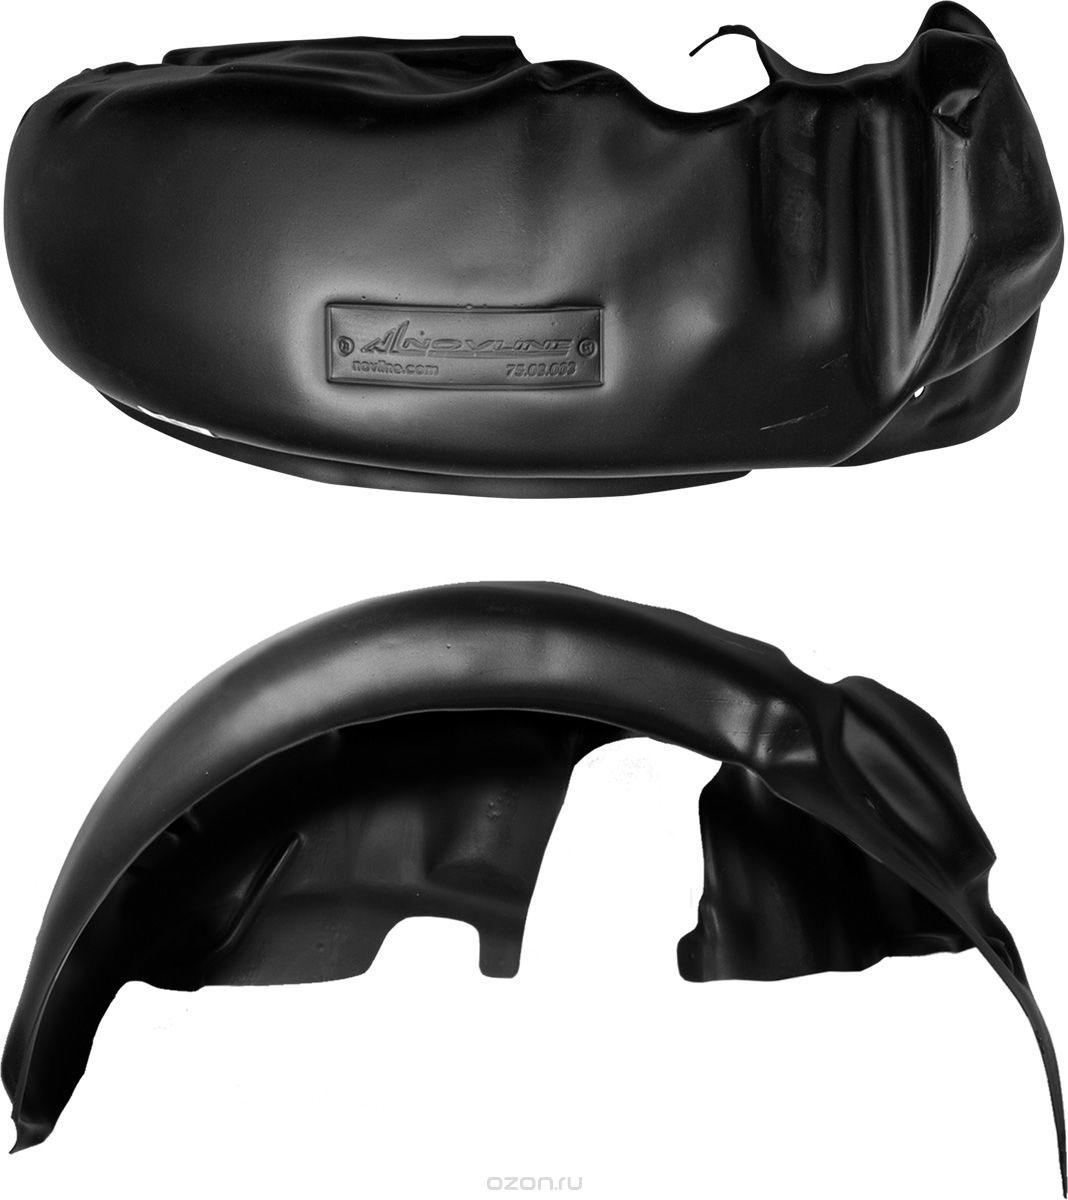 Подкрылок Novline-Autofamily, для Peugeot Boxer/Citroen Jumper, 2006-2014, с расширителями арок, передний левыйNLL.38.19.001Идеальная защита колесной ниши. Локеры разработаны с применением цифровых технологий, гарантируют максимальную повторяемость поверхности арки. Изделия устанавливаются без нарушения лакокрасочного покрытия автомобиля, каждый подкрылок комплектуется крепежом. Уважаемые клиенты, обращаем ваше внимание, что фотографии на подкрылки универсальные и не отражают реальную форму изделия. При этом само изделие идет точно под размер указанного автомобиля.